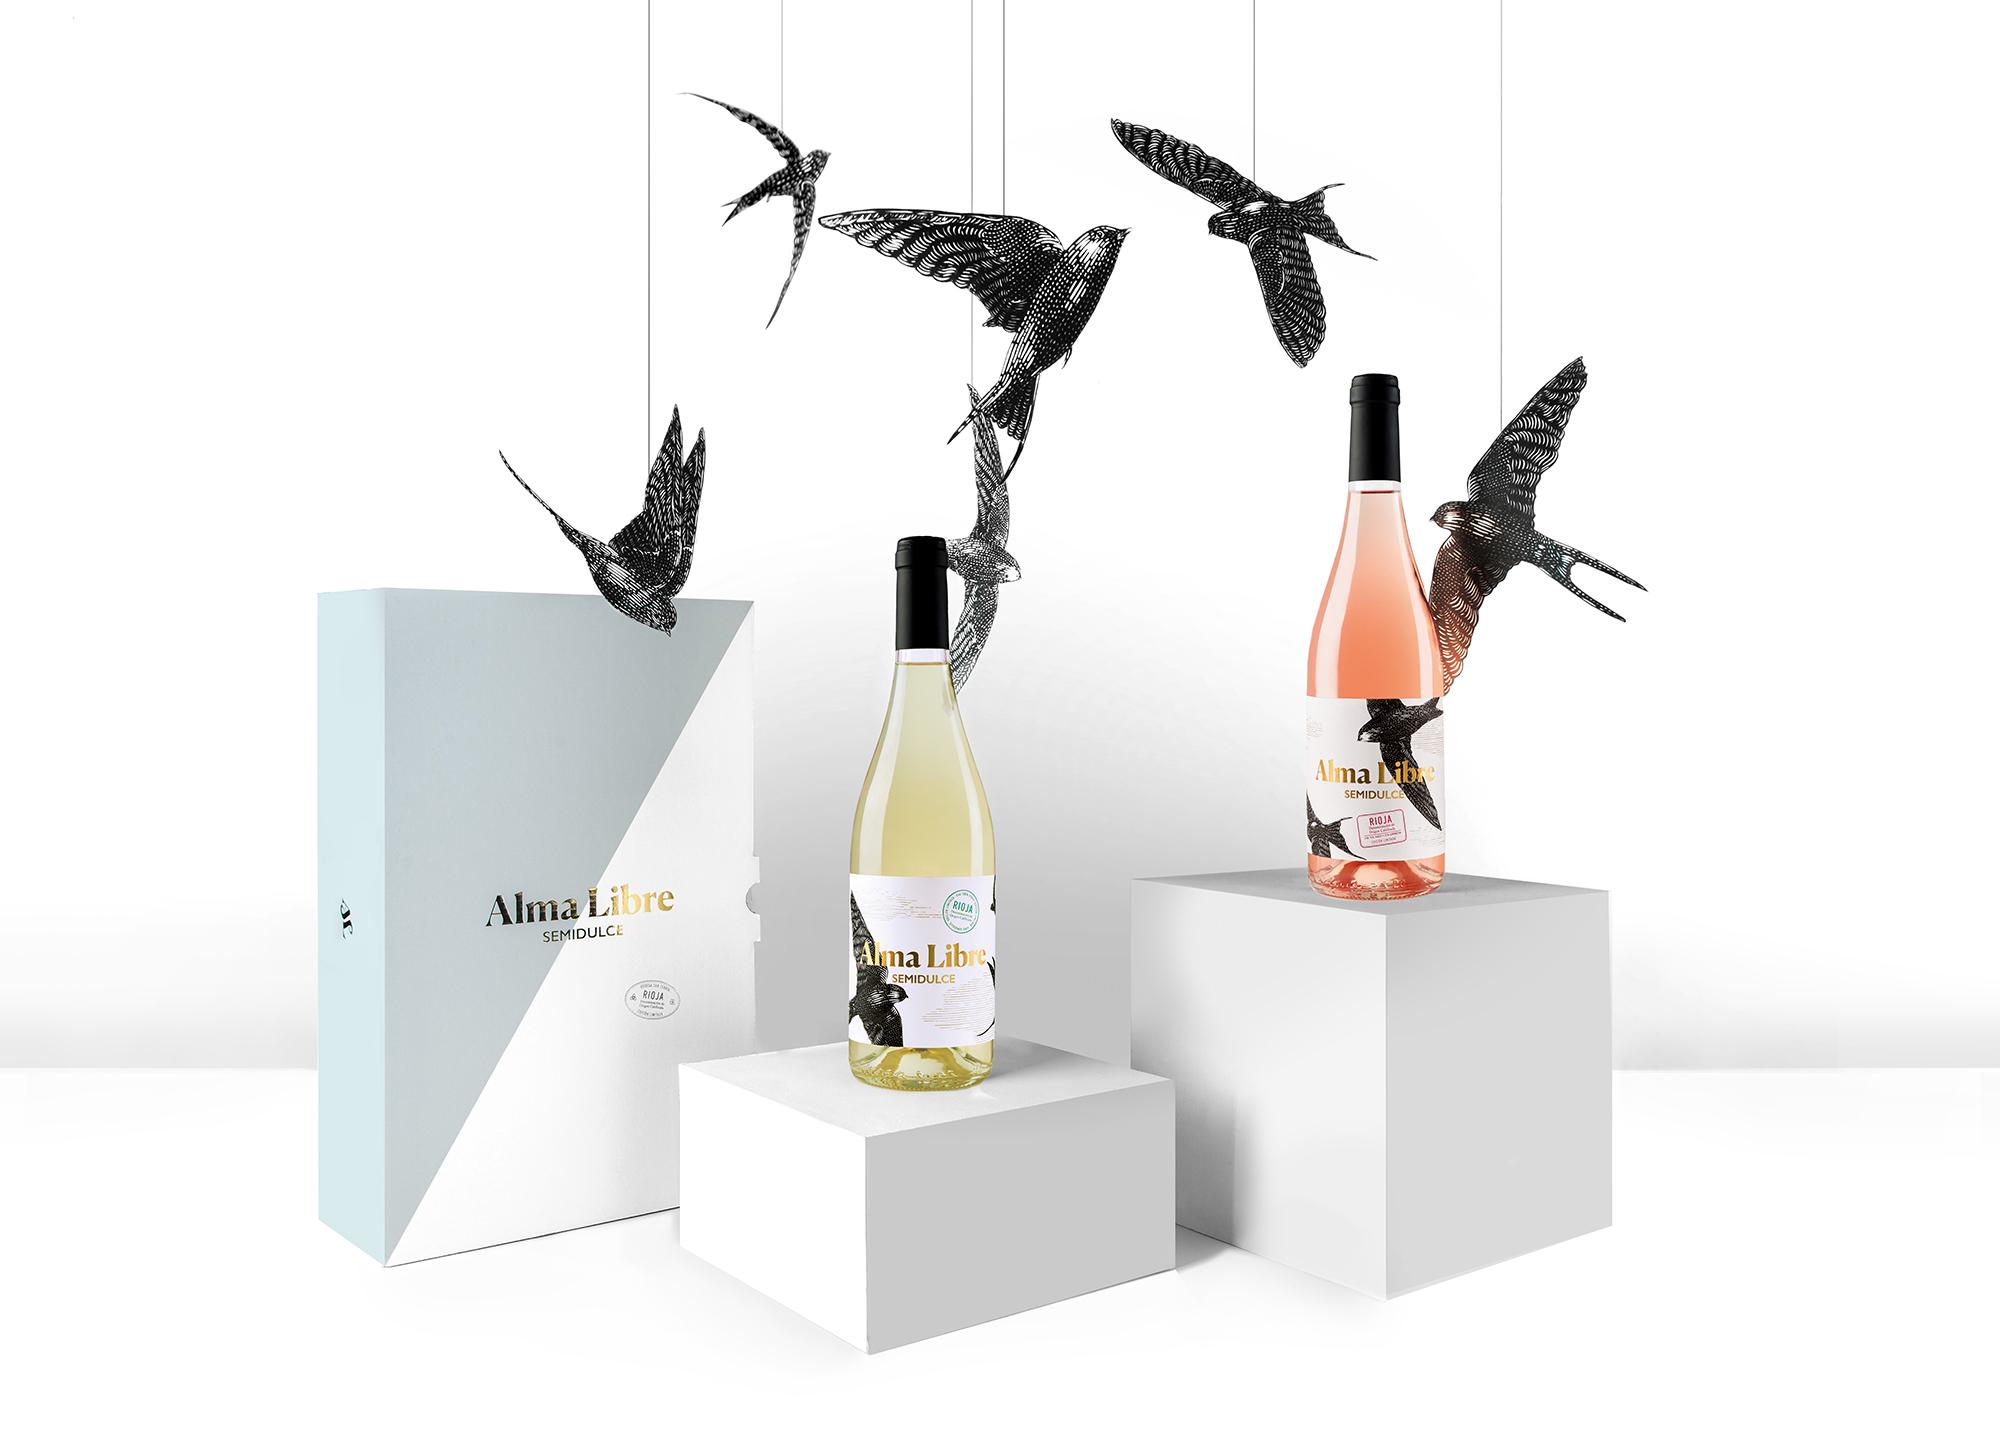 Fotografía bodegón de los pájaros ilustrados para el diseño de packaging de Alma Libre.